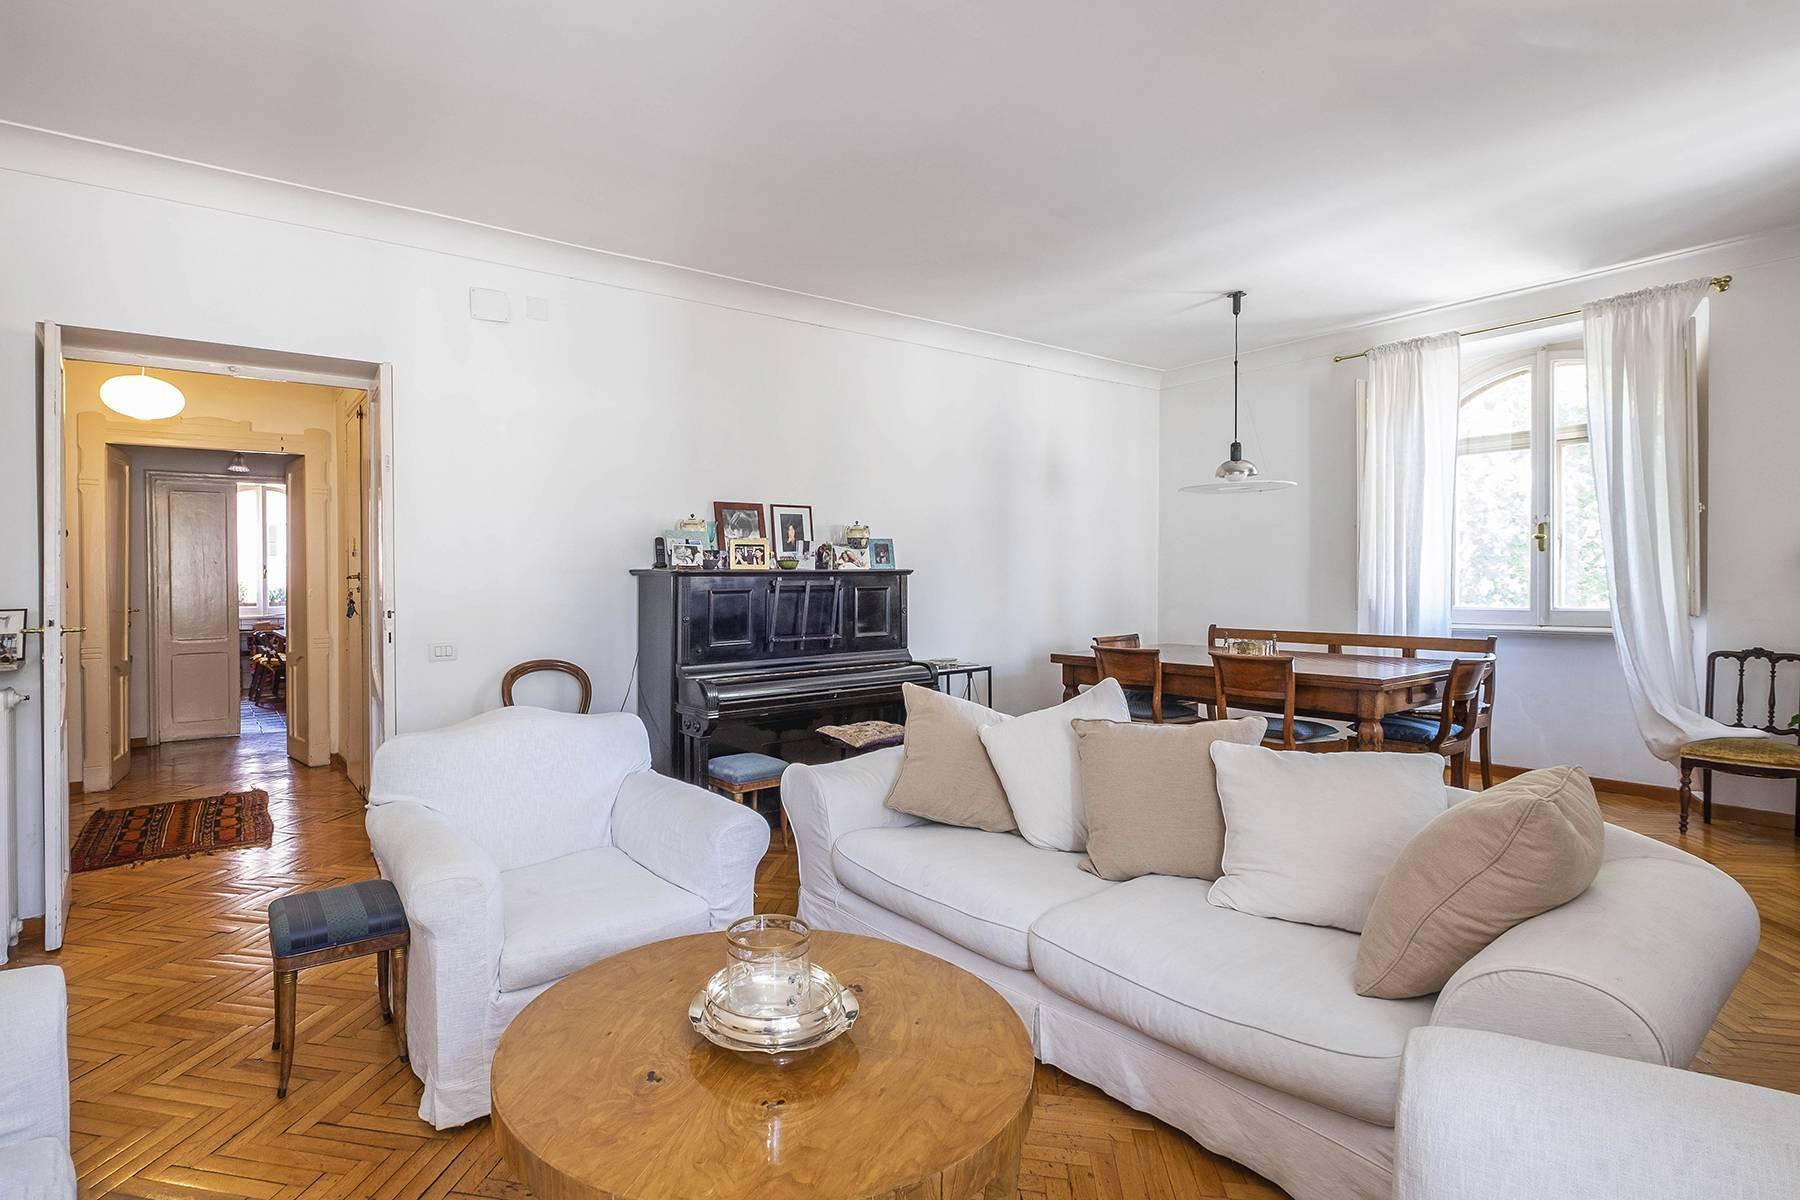 Elegante Wohnung im Stadtviertel Prati - 5